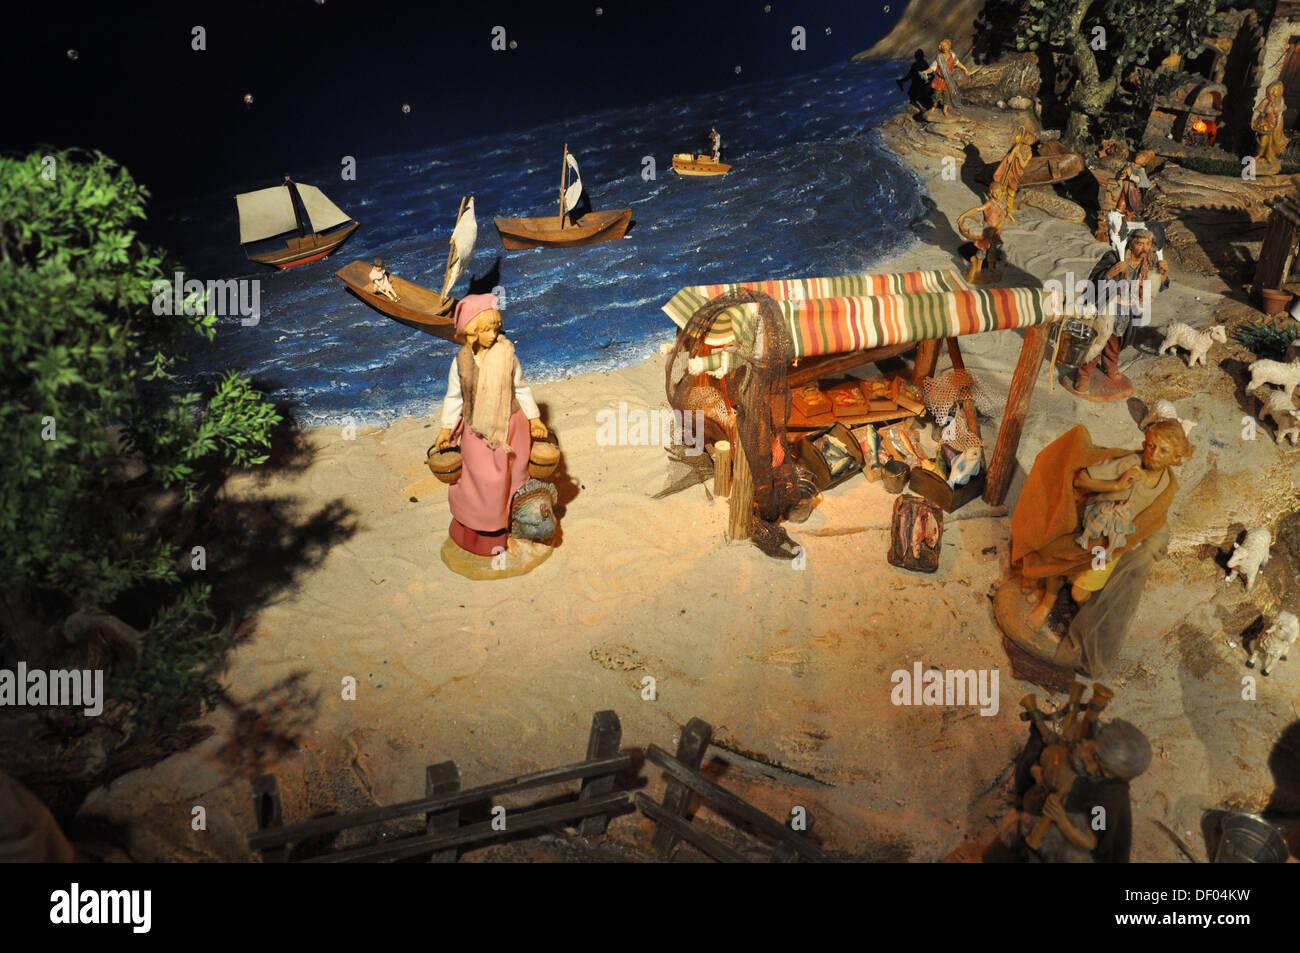 Weihnachtsbilder Suchen.Weihnachtsbilder Stockfoto Bild 60854637 Alamy